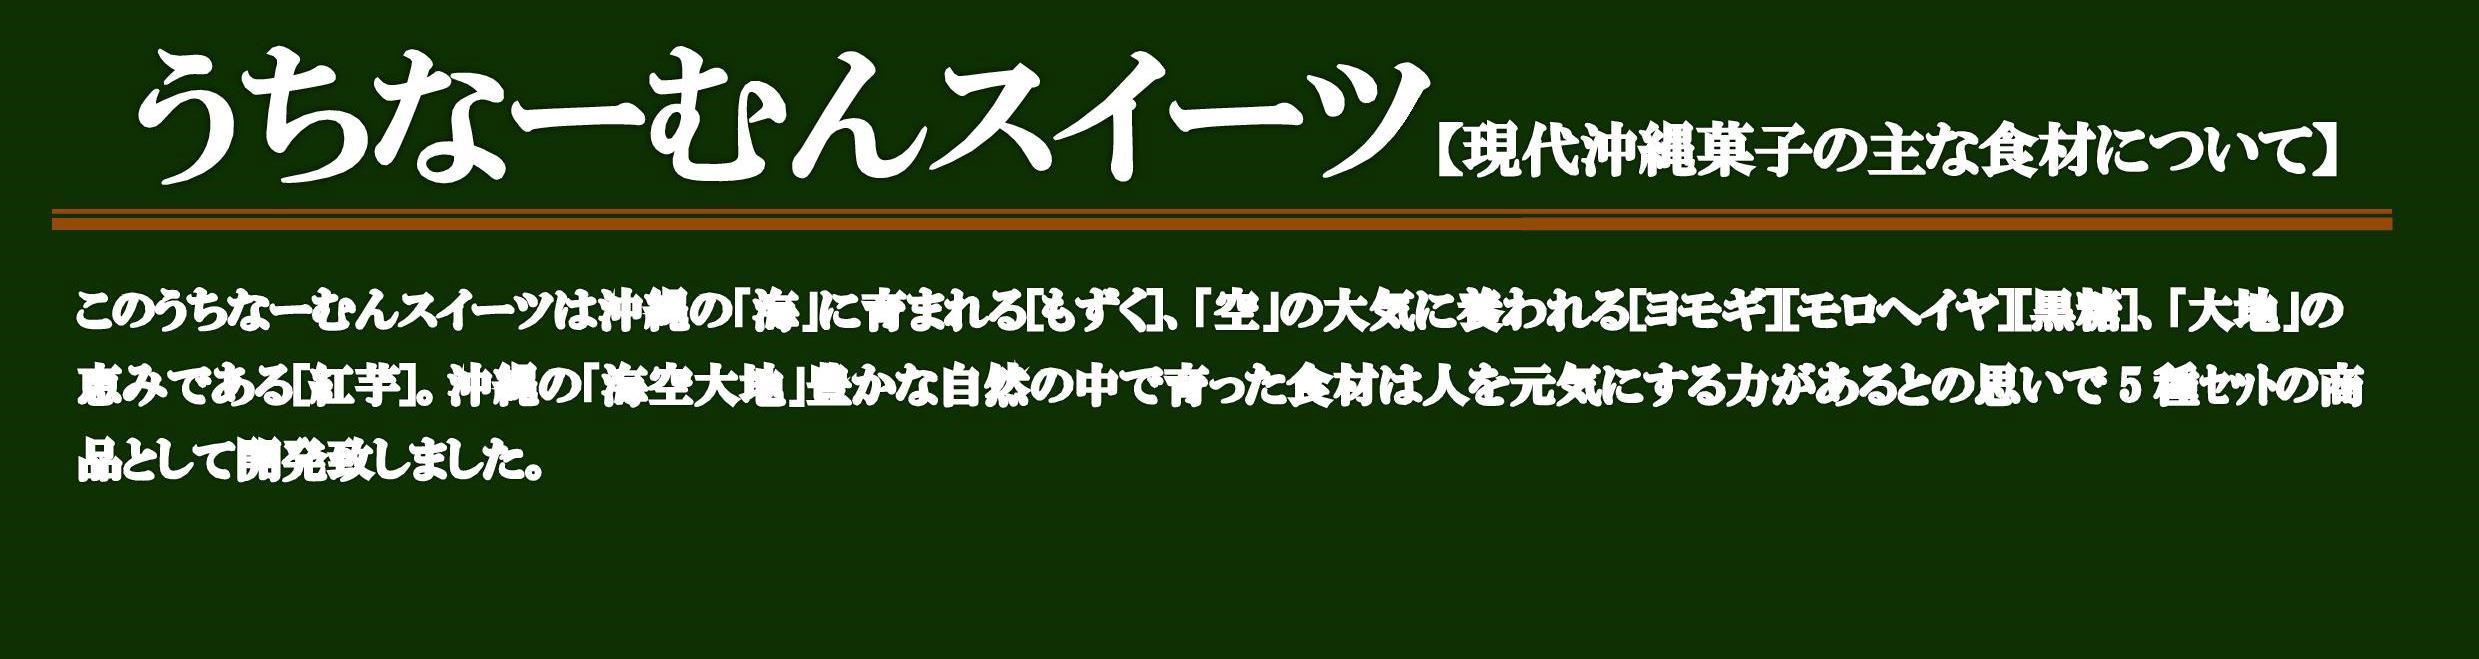 各種うちなーむんケーキ素材紹介1